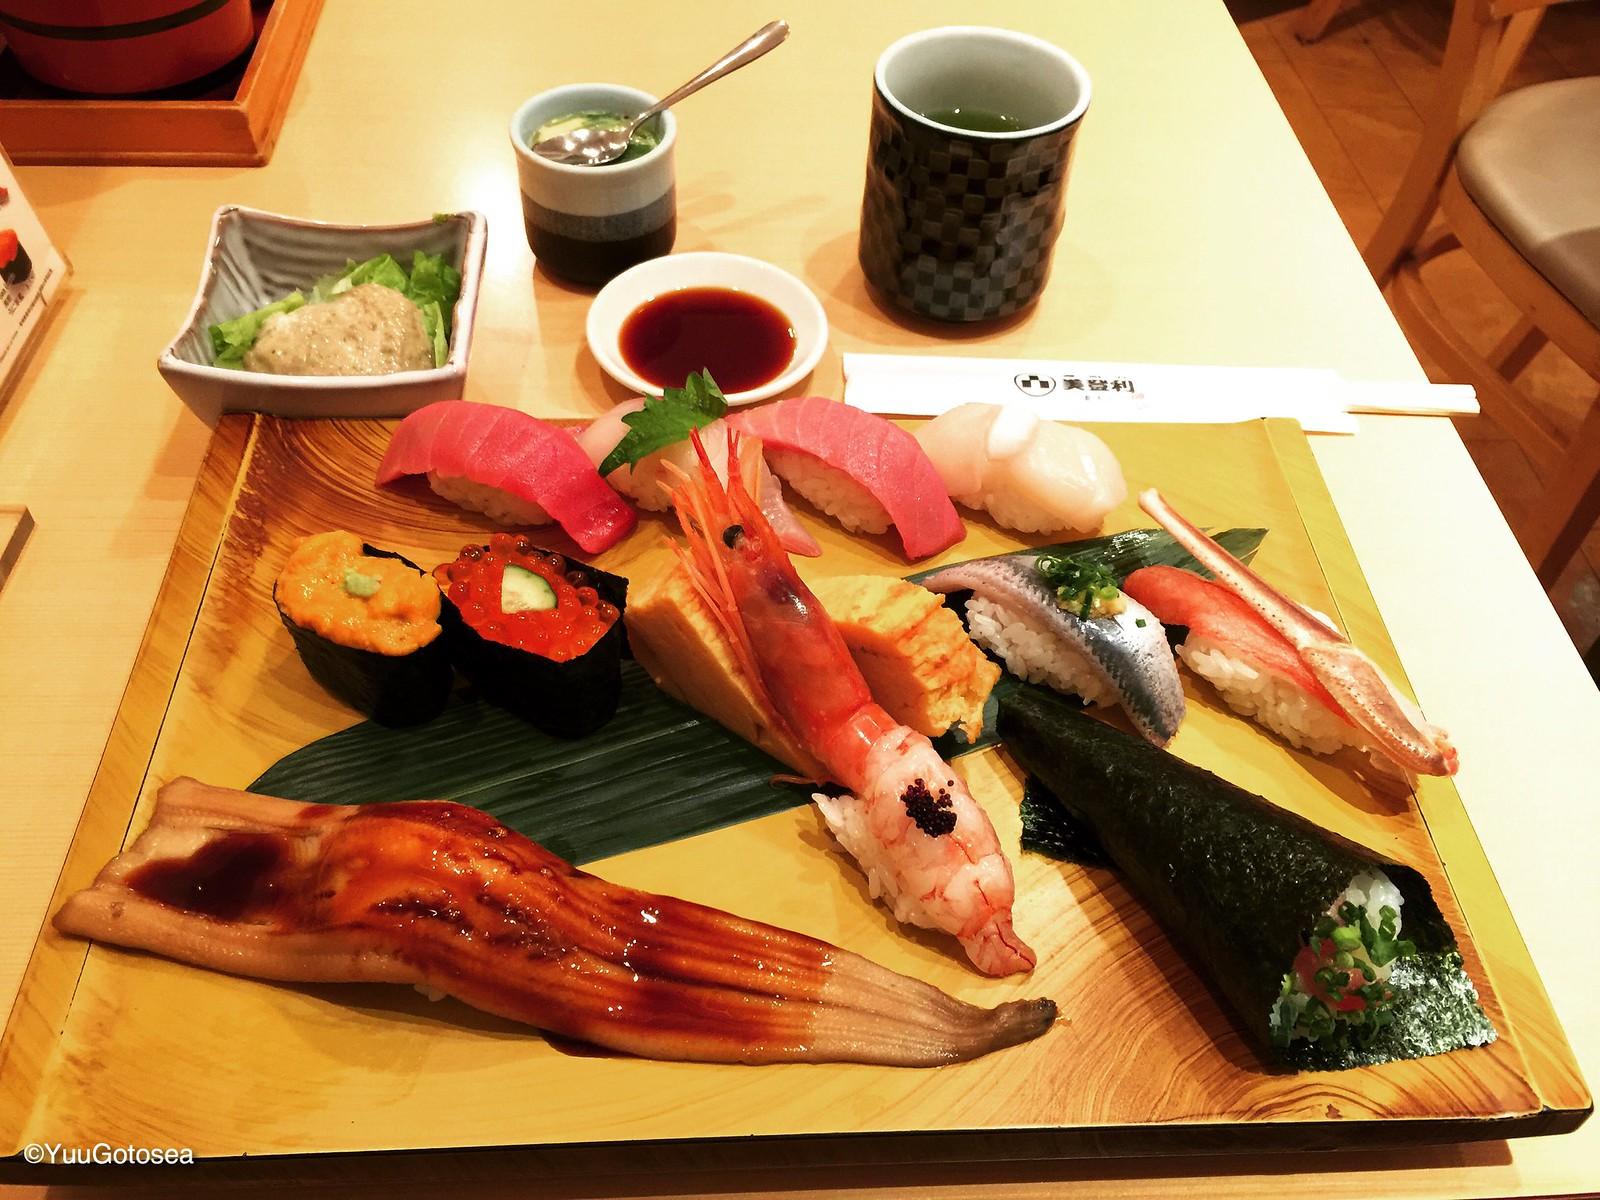 japan-foodie-trip-nov---dec-2015-tokyo-fuji-osaka-miyajima-hiroshima-kyoto